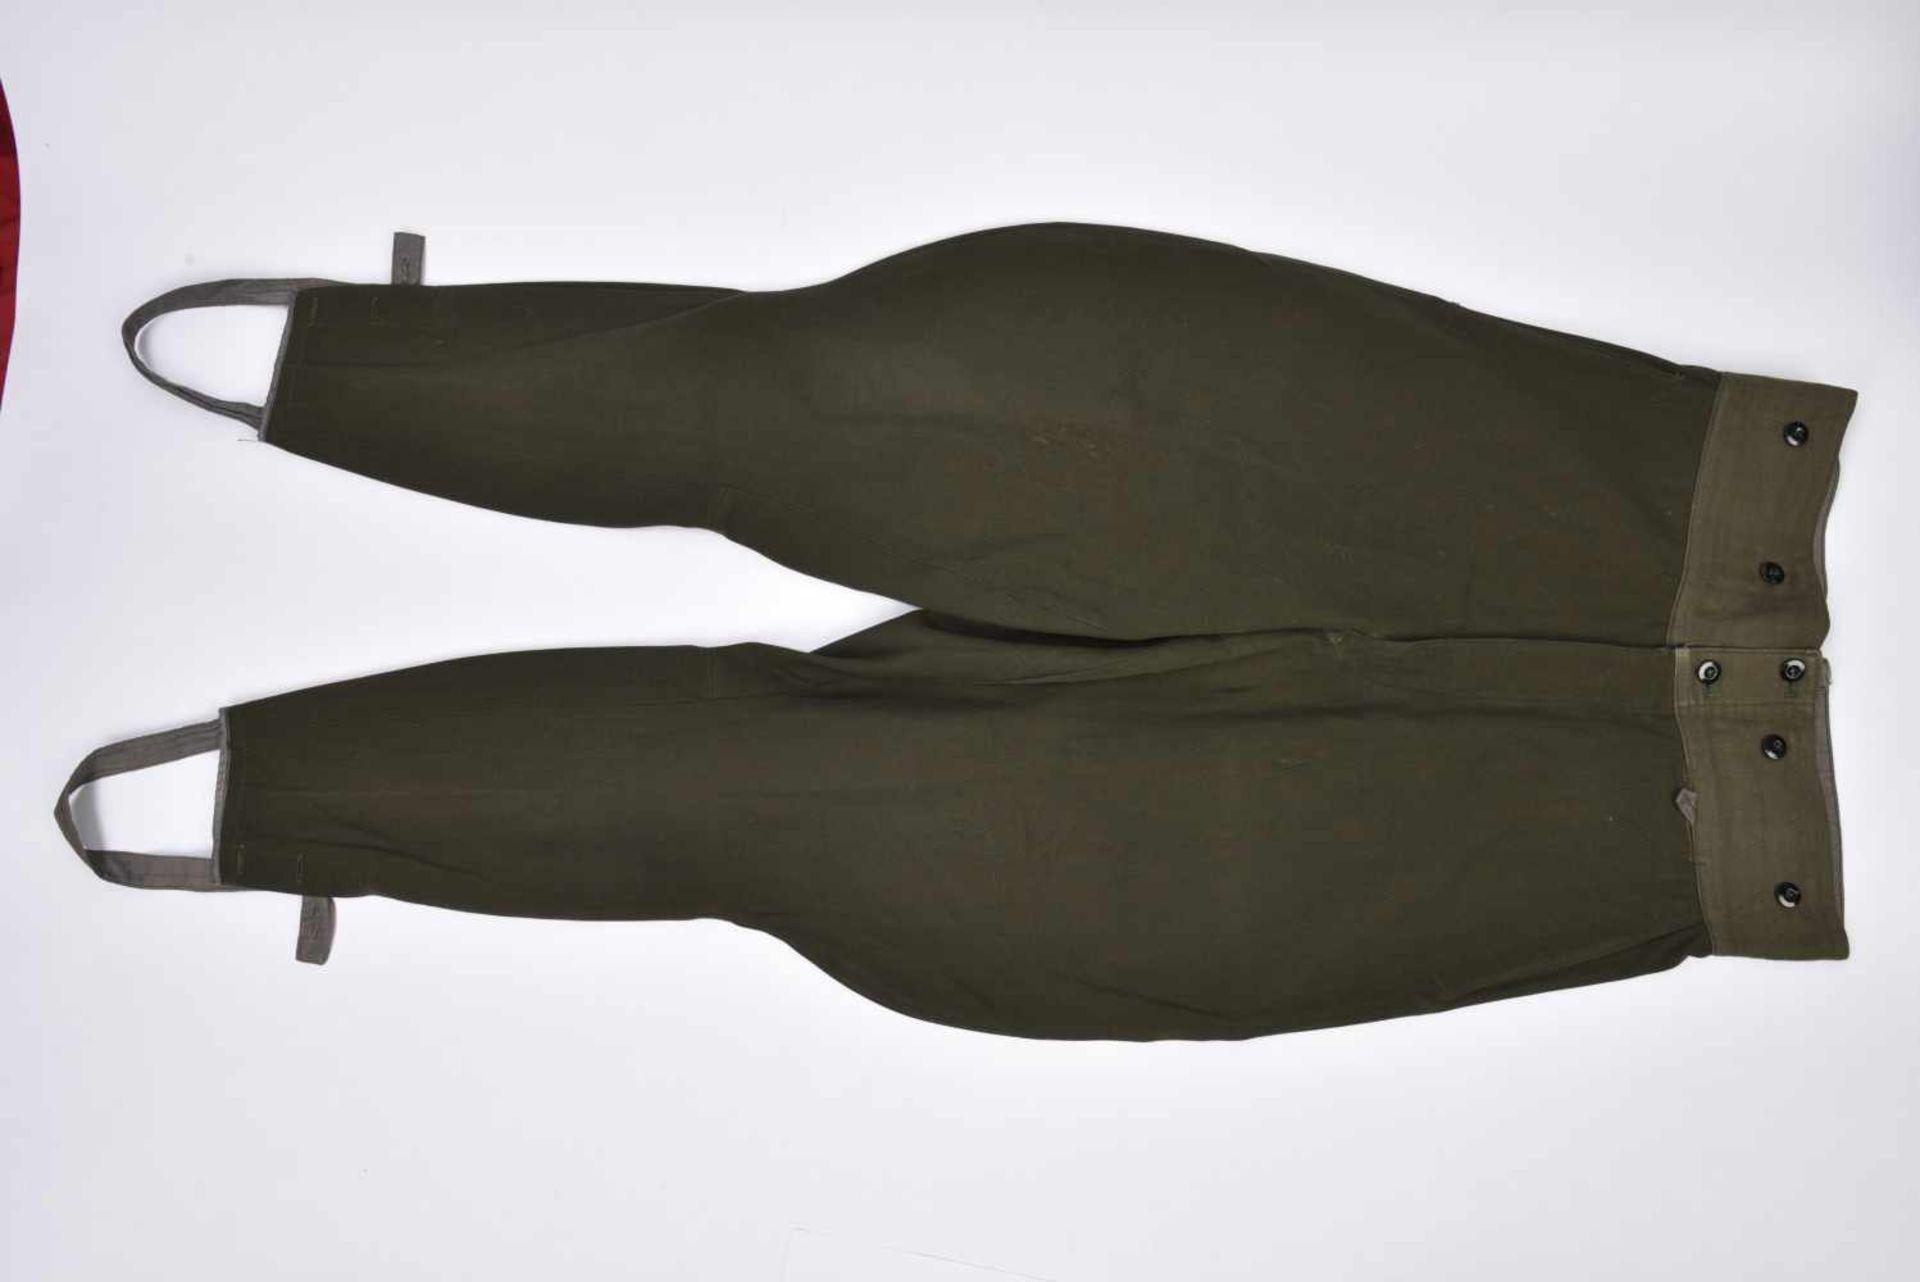 Ensemble NEUF comprenant Gymnasterka M.43 avec poches de poitrine,très belle et culotte. Les deux - Bild 4 aus 4